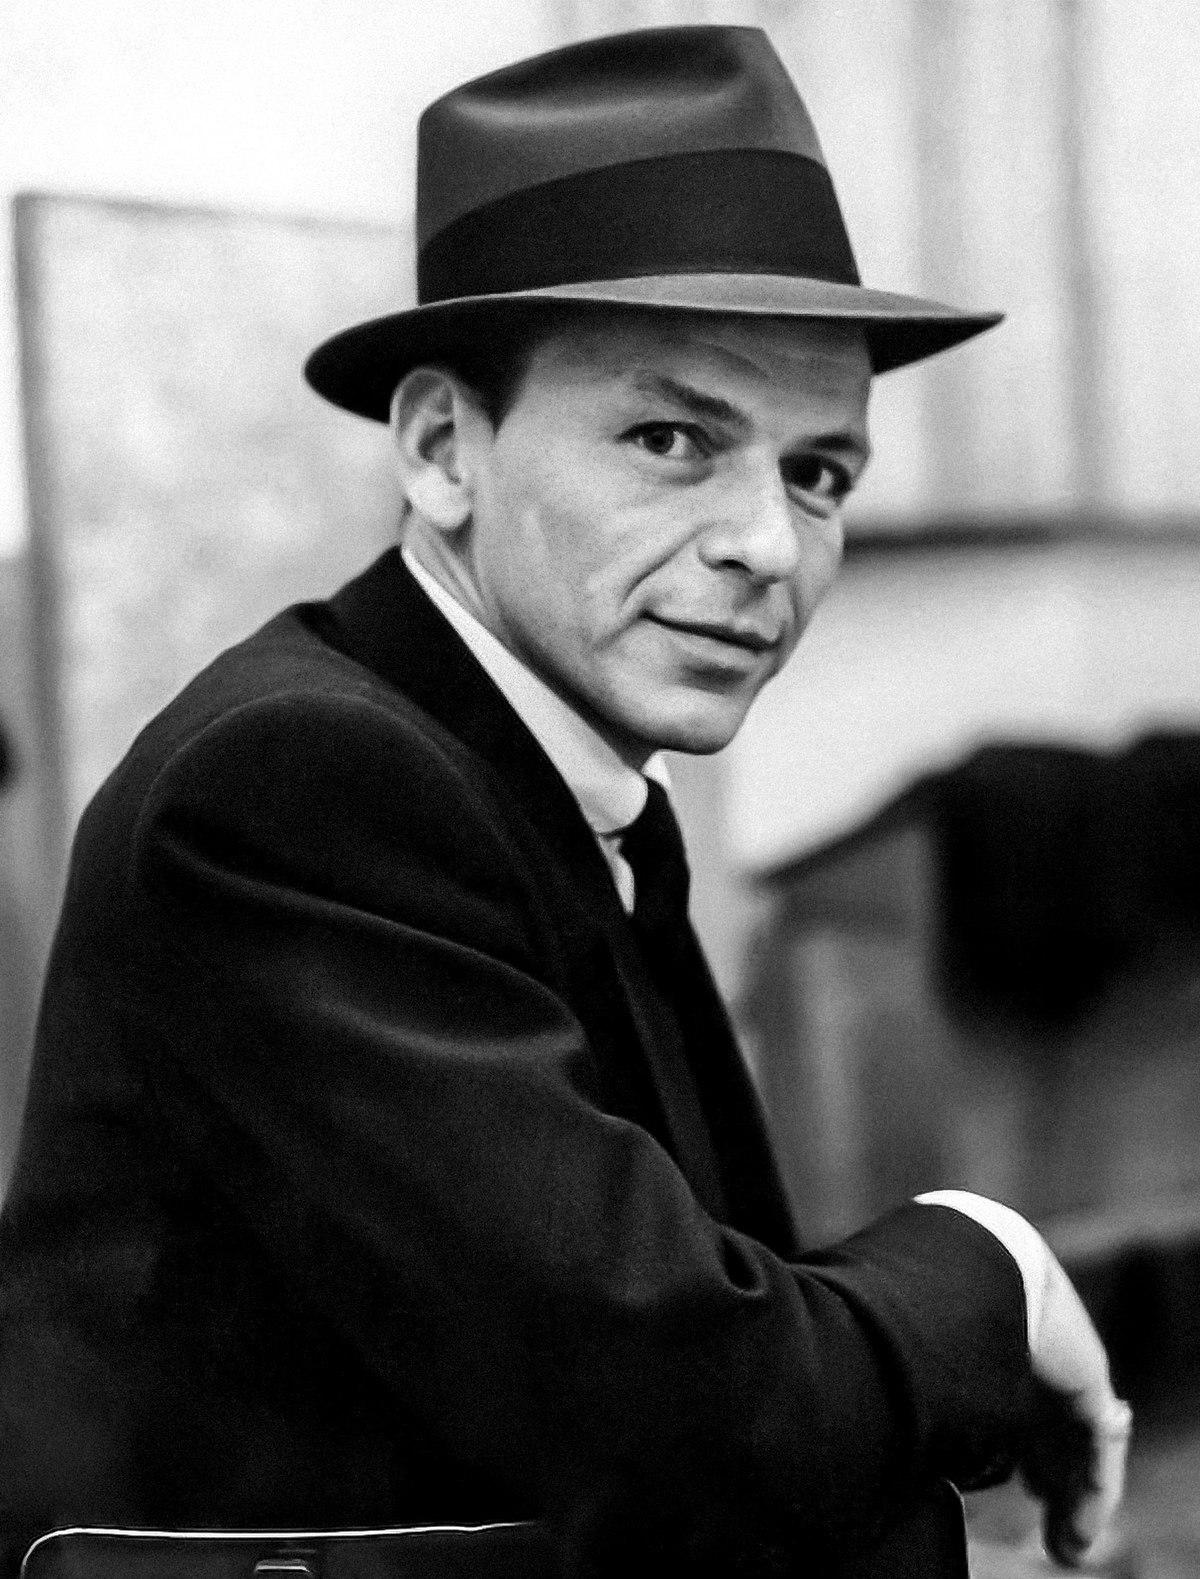 Frank Sinatra Seorang Legenda Jazz Yang Terus Dikenang